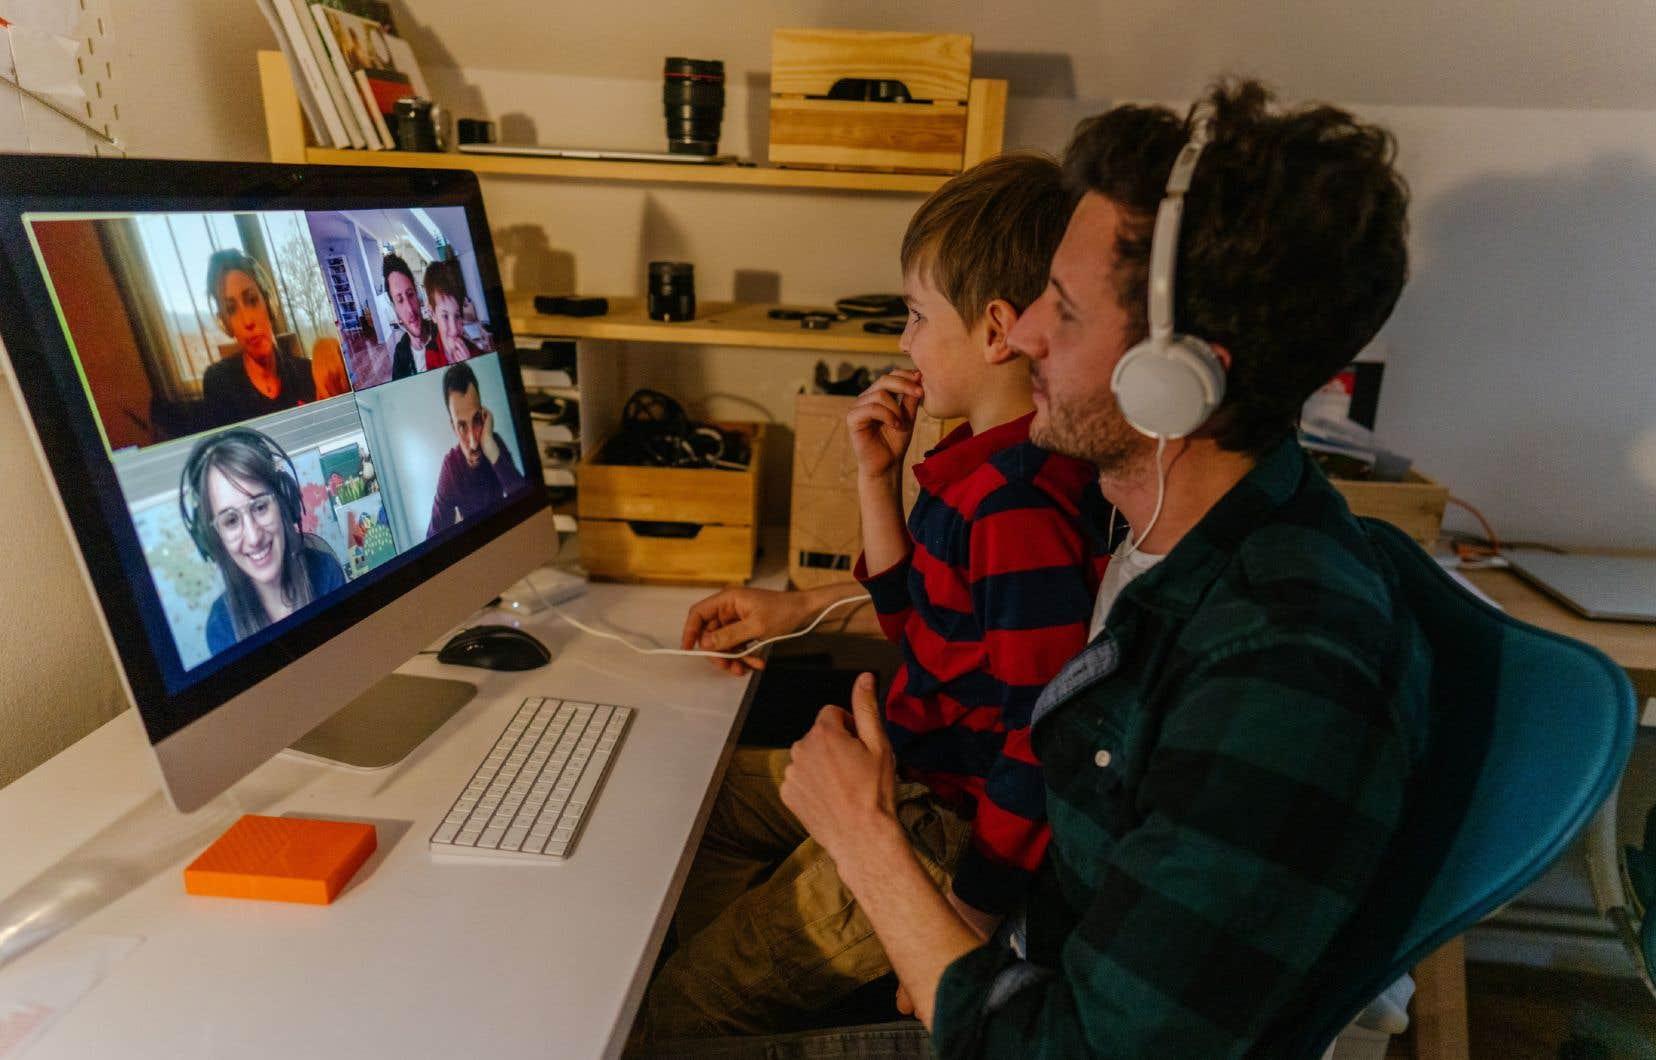 «7 Canadiens sur 10 affirment passer plus de temps sur Internet qu'avant la pandémie», écritStéphane Garneau.